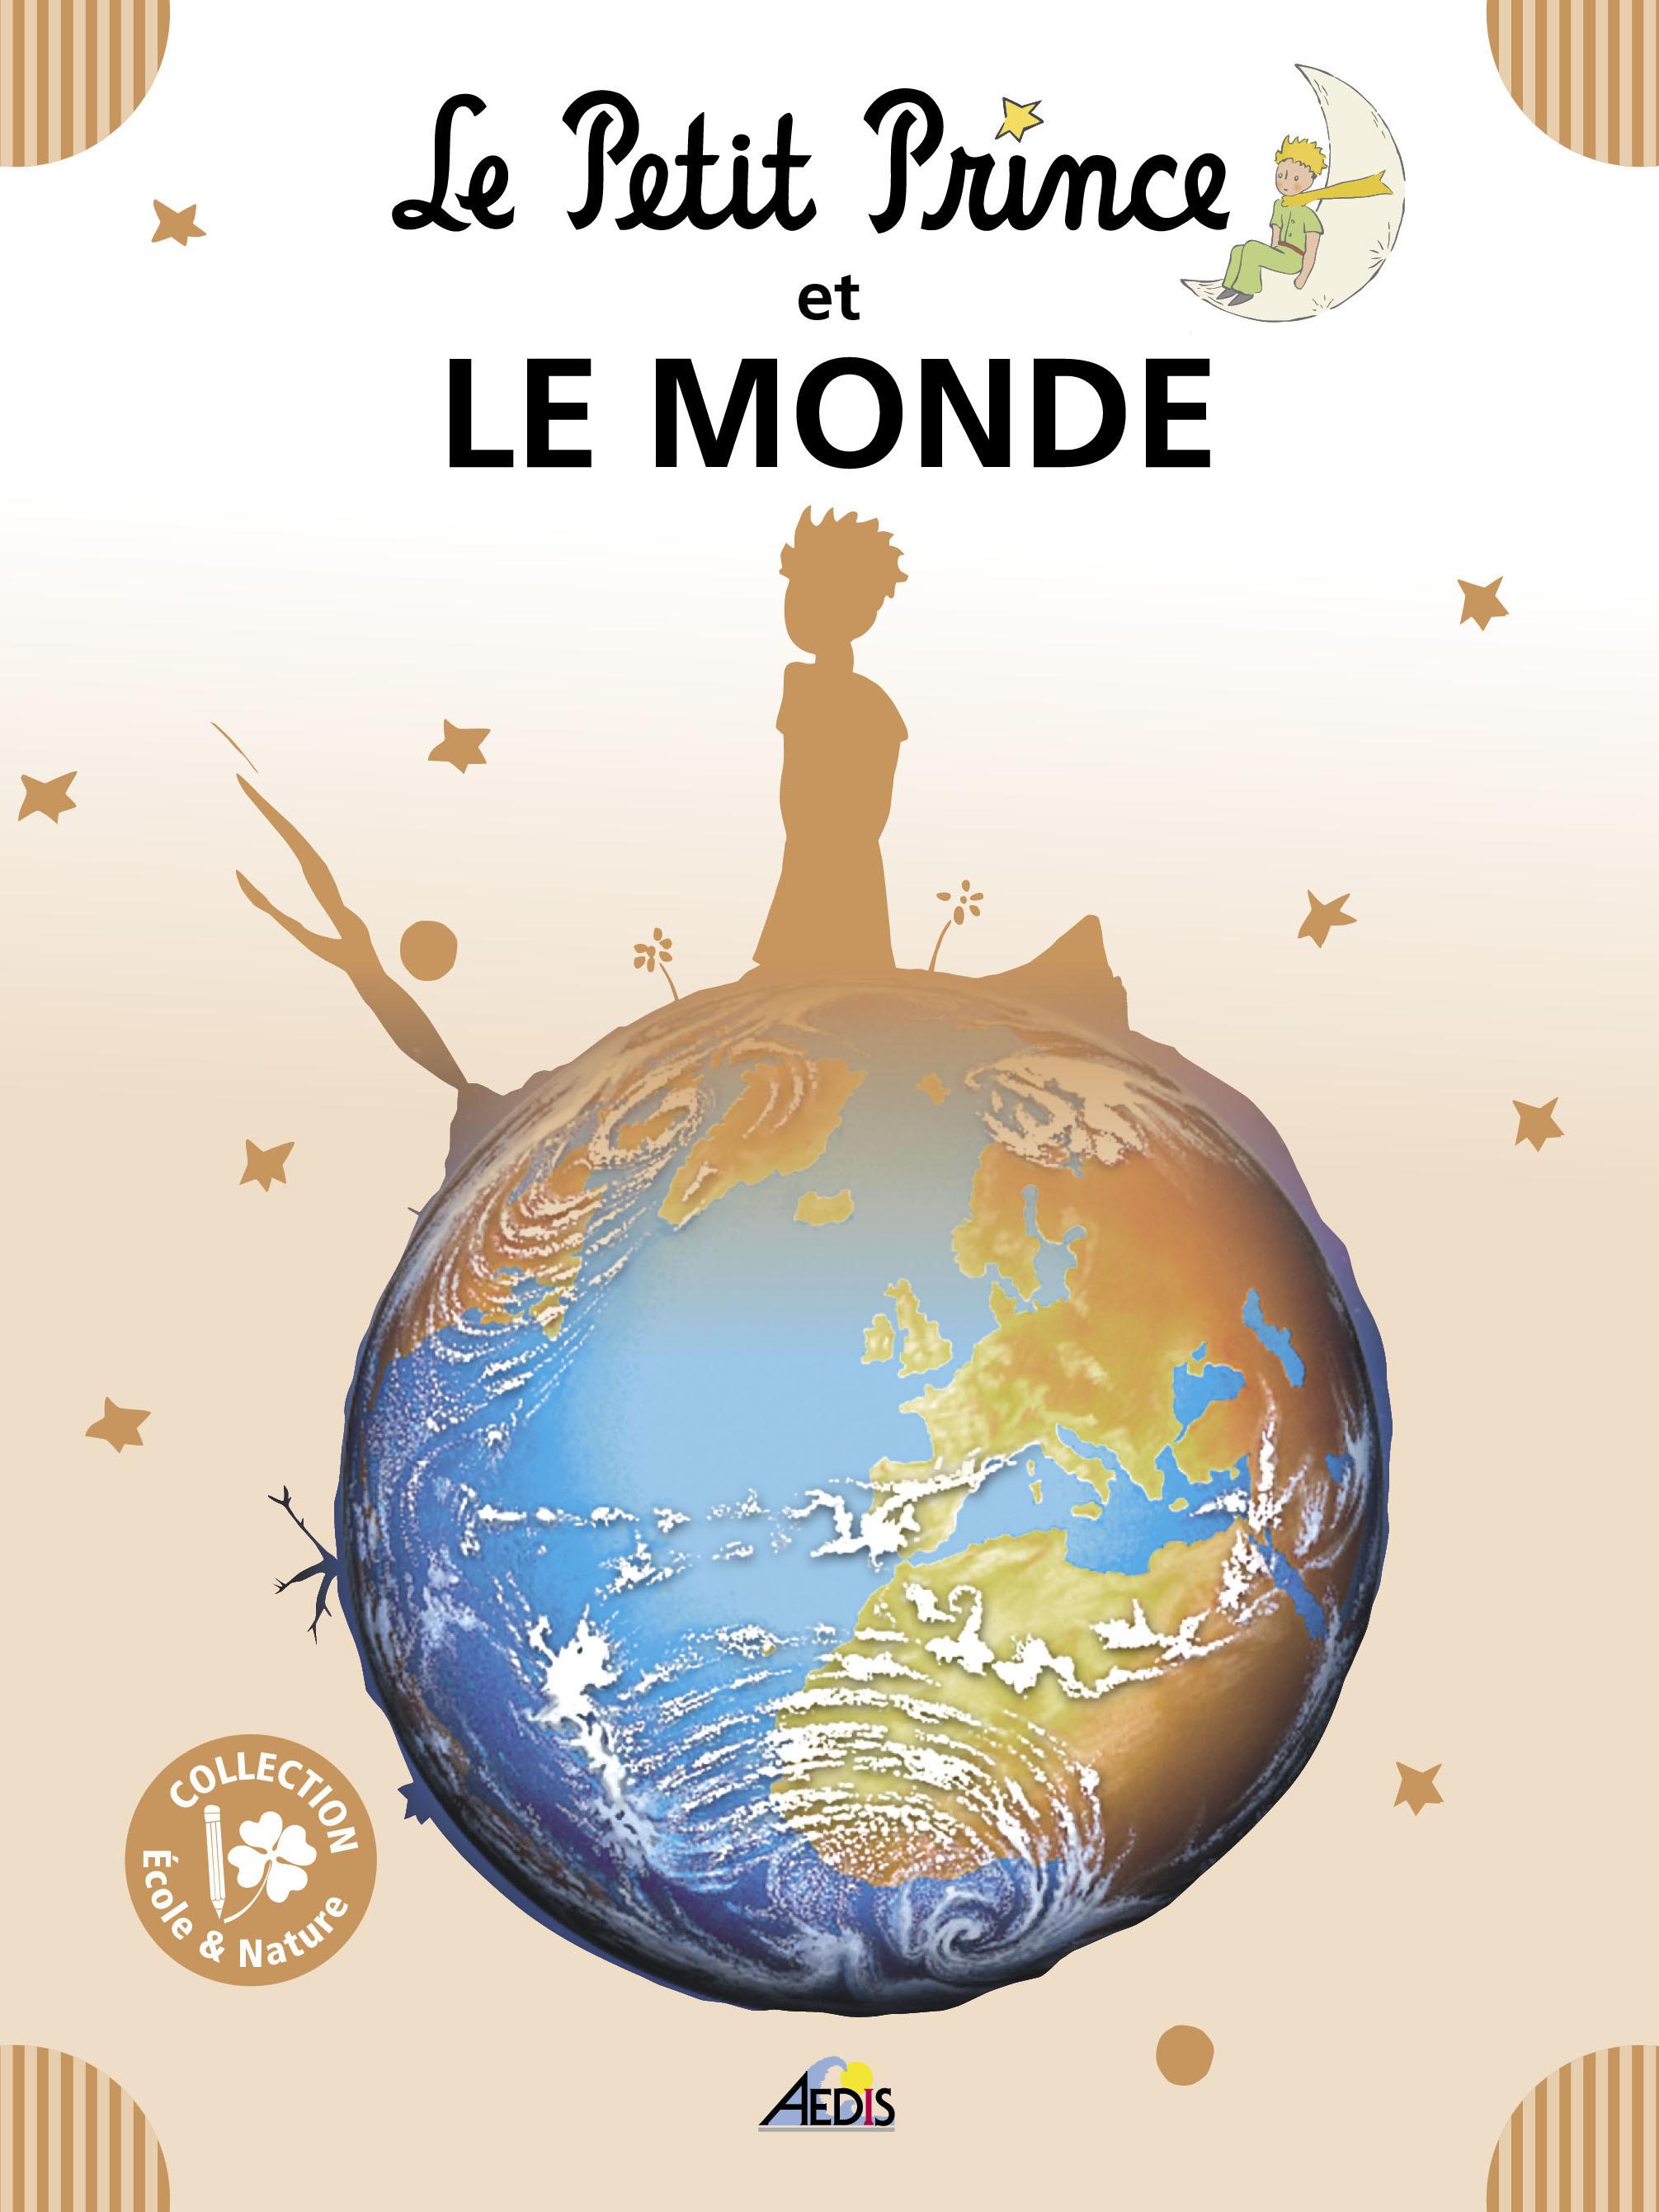 06 - LE PETIT PRINCE ET LE MONDE